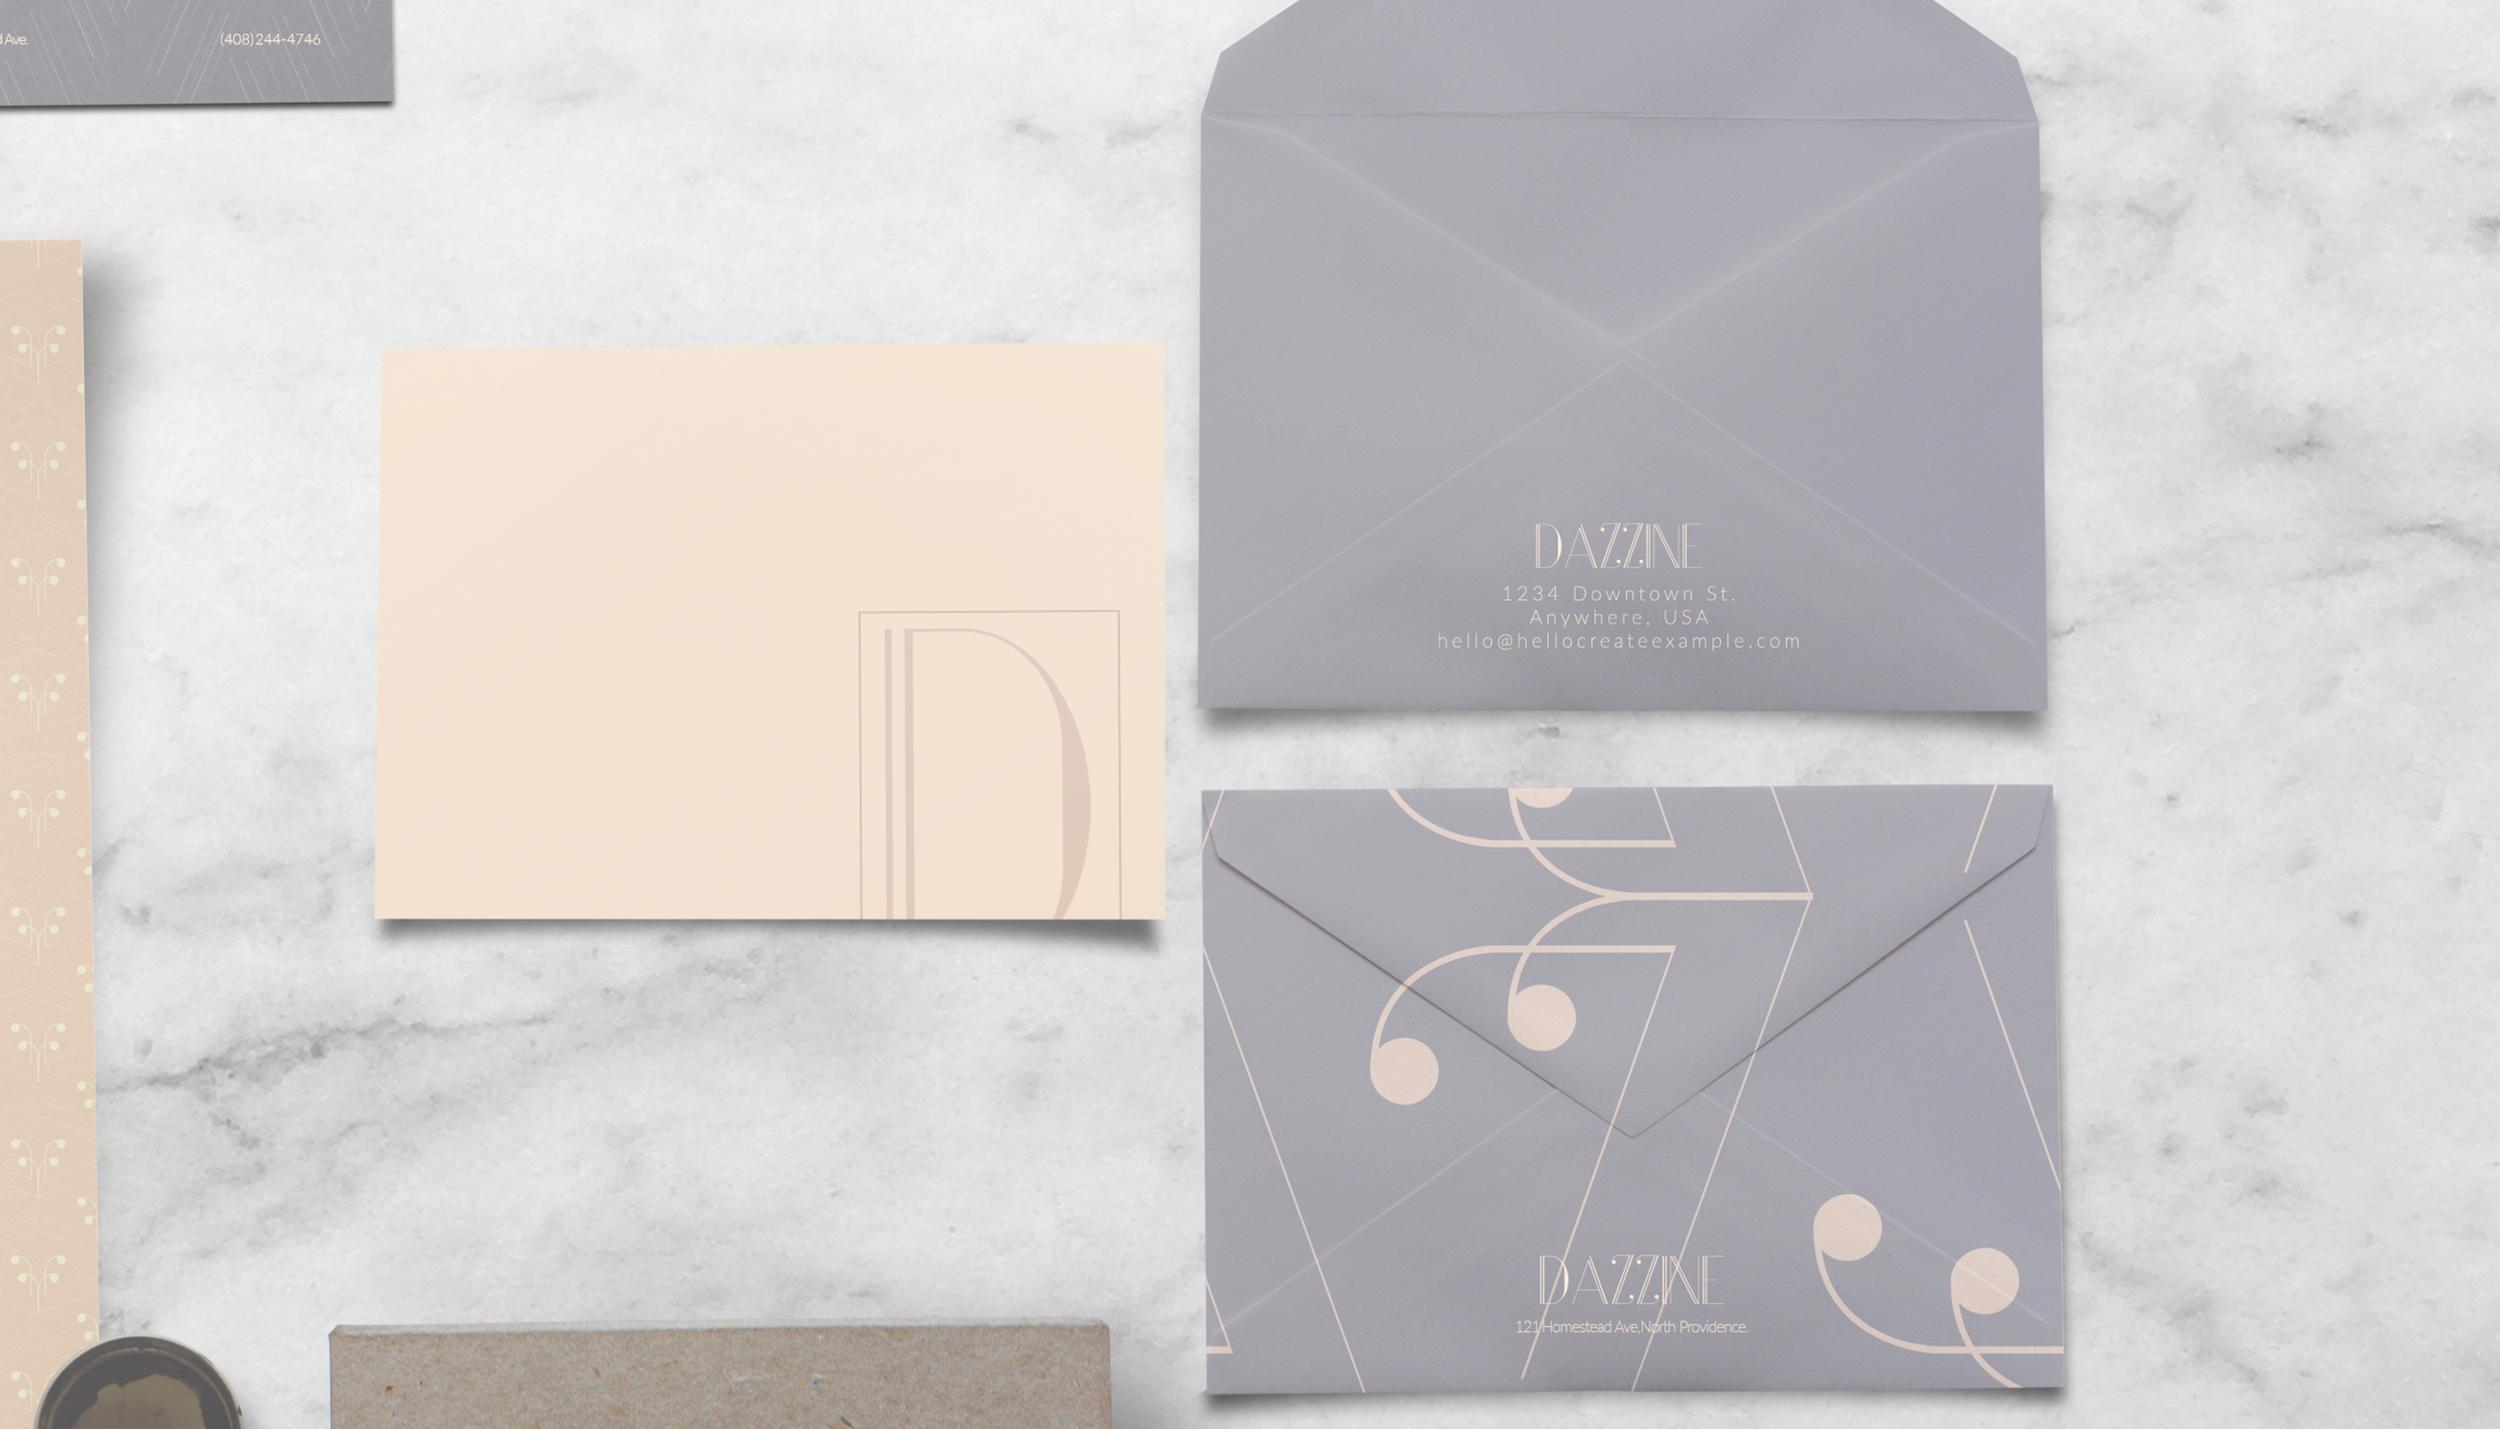 Dazzine-branding.png